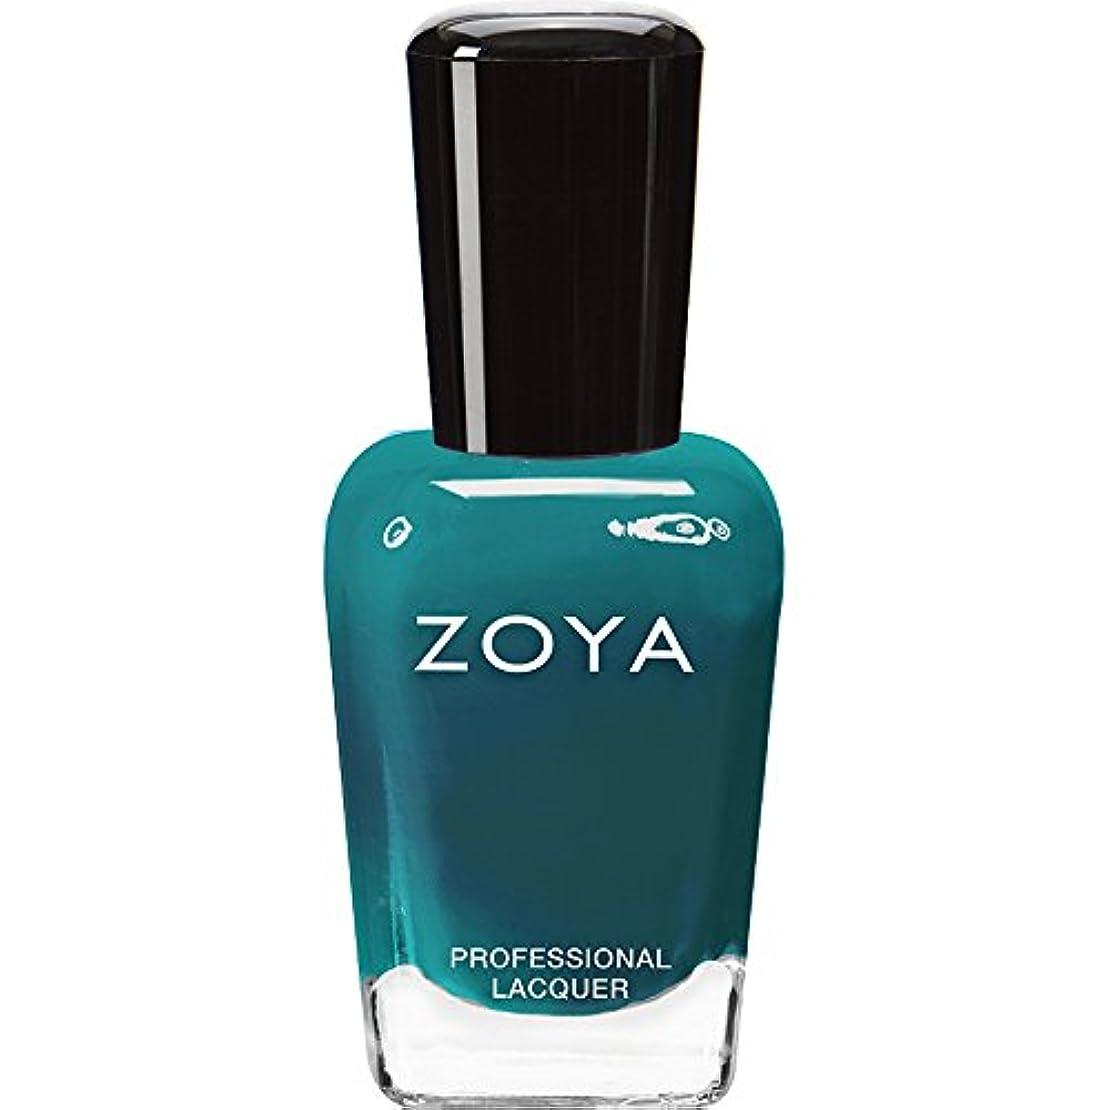 ダイヤモンドパック吸い込むZOYA ゾーヤ ネイルカラー ZP640 FRIDA フリーダ 15ml  2012 GLOSS COLLECTION ティールブルー シアー/ジェリー 爪にやさしいネイルラッカーマニキュア